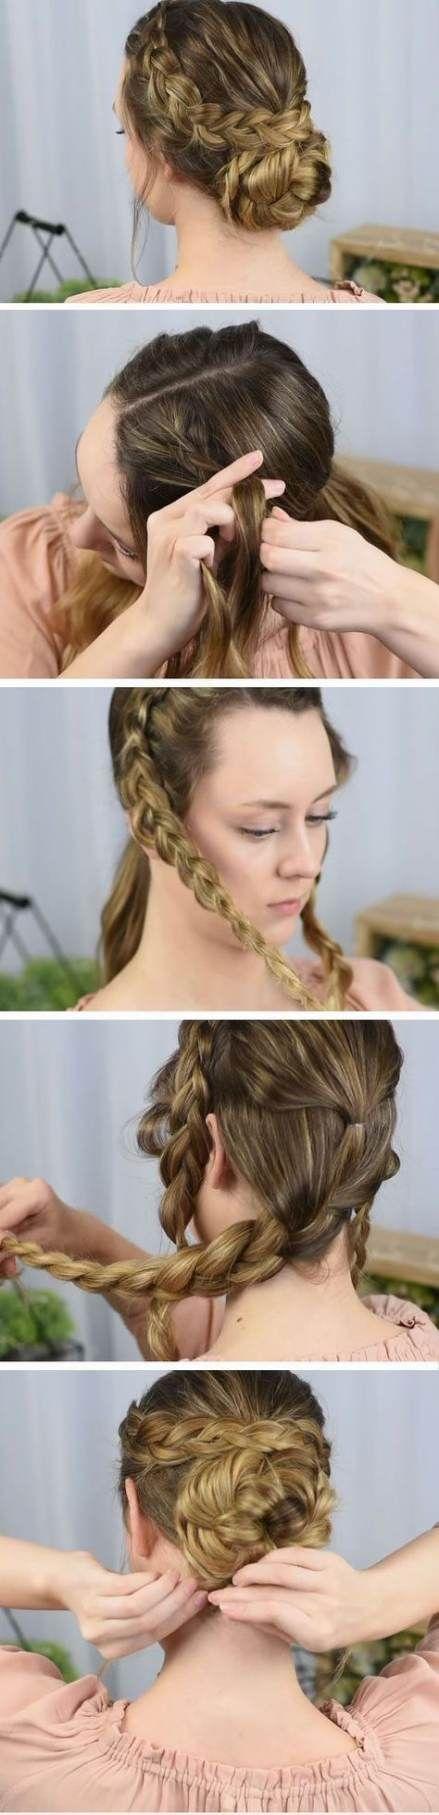 Braids For Medium Length Hair Tutorial Fashion 37 Ideas